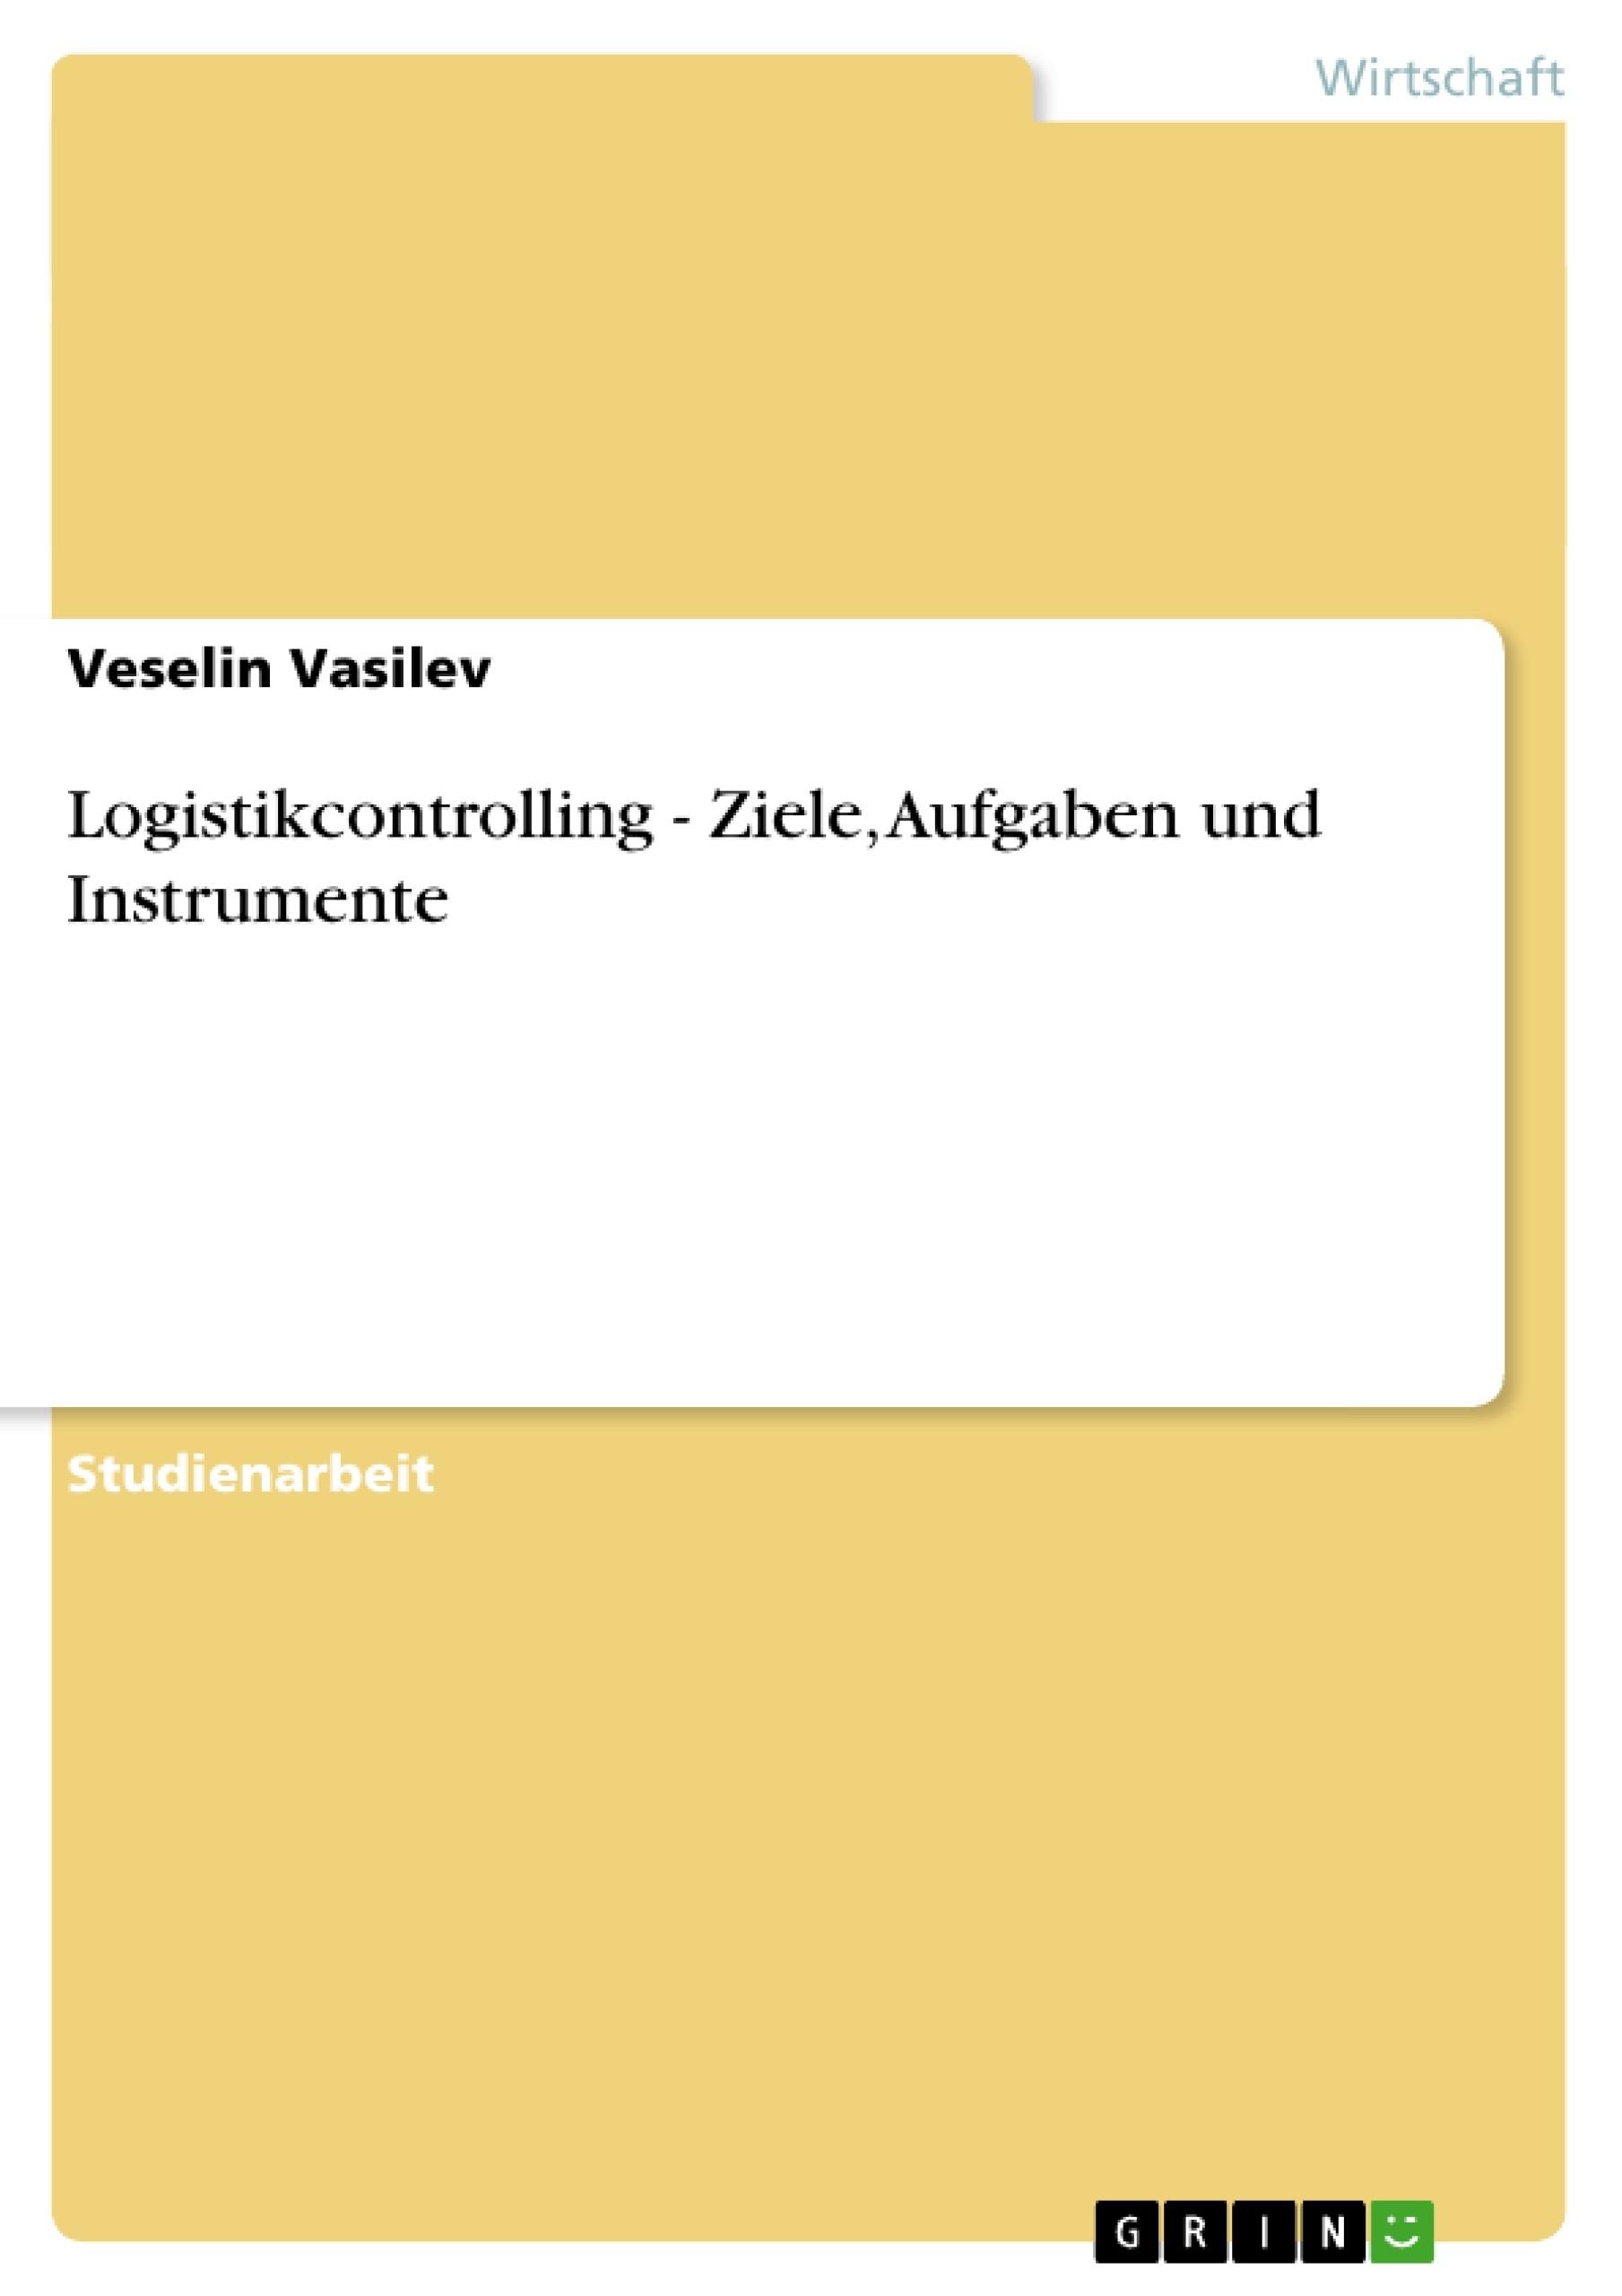 Titel: Logistikcontrolling - Ziele, Aufgaben und Instrumente